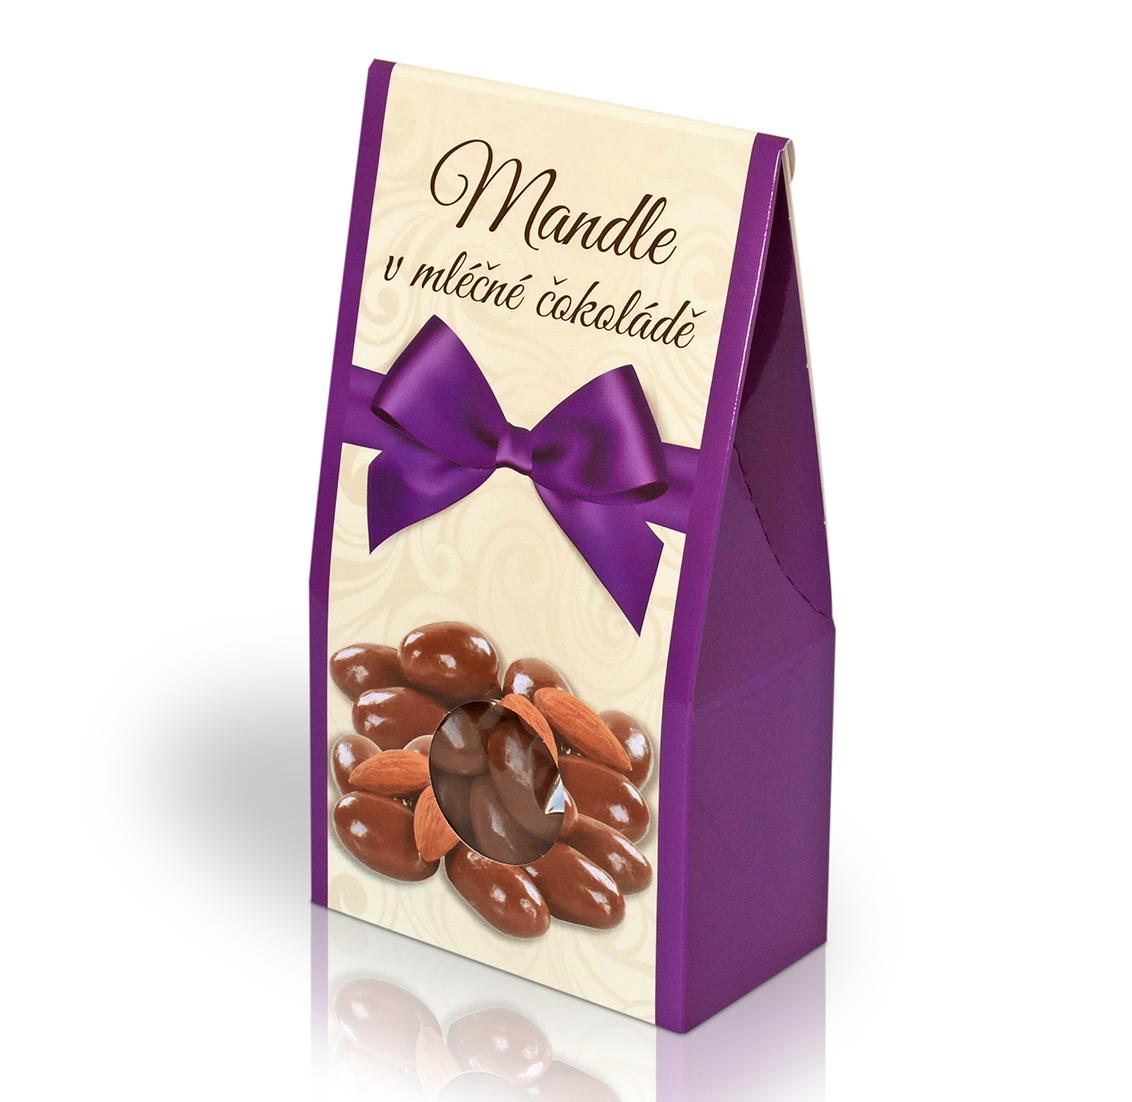 Mandle v mléčné čokoládě 150g (stříška)